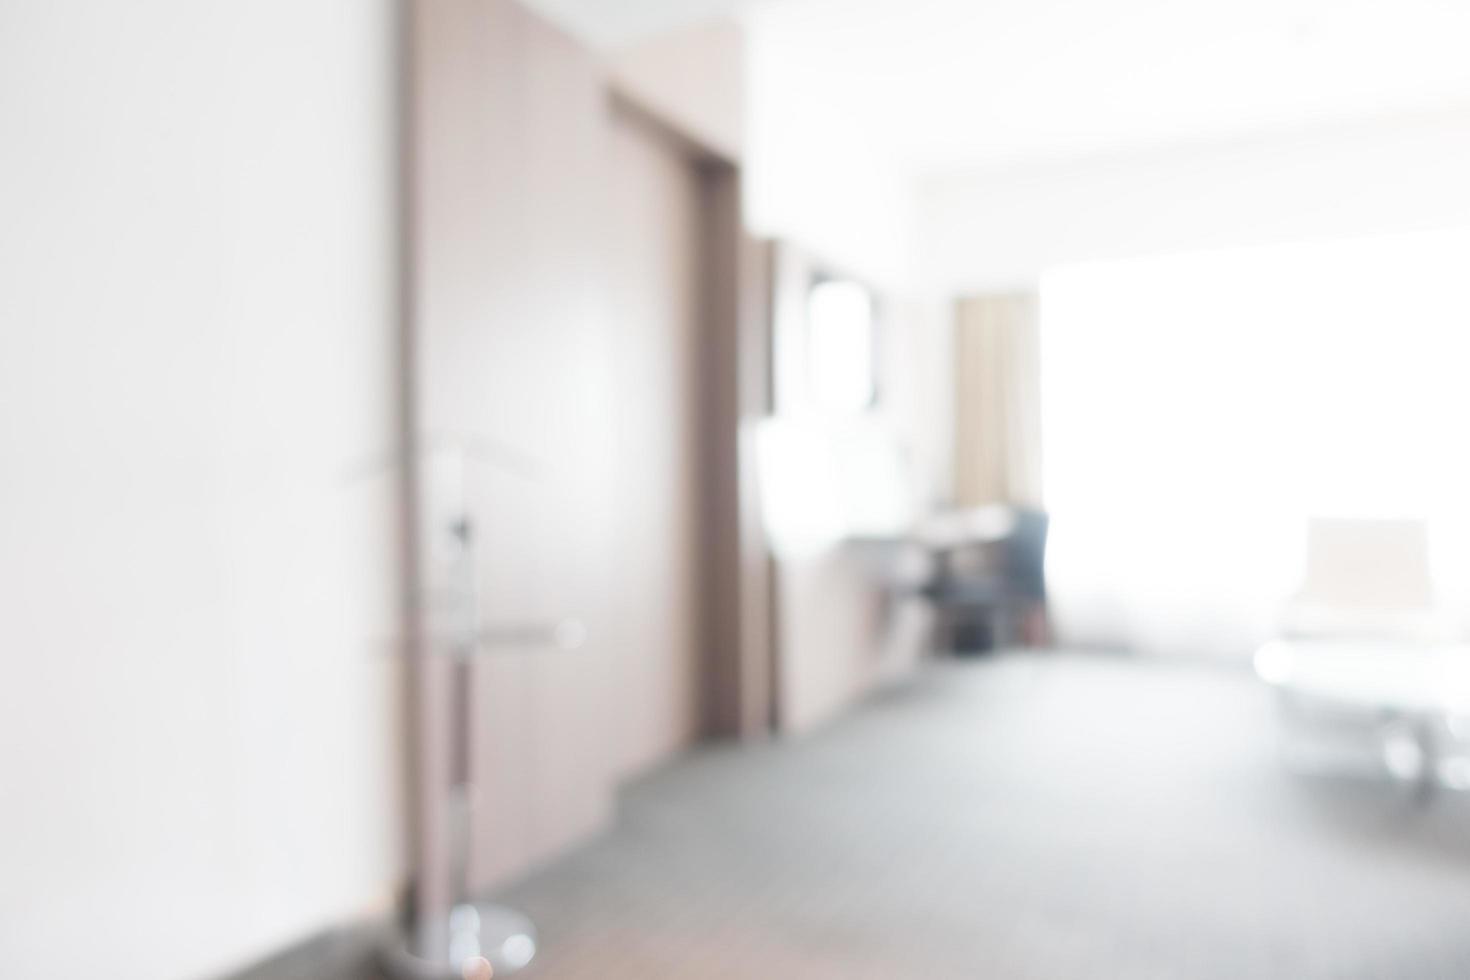 abstrakt oskärpa rum interiör bakgrund foto